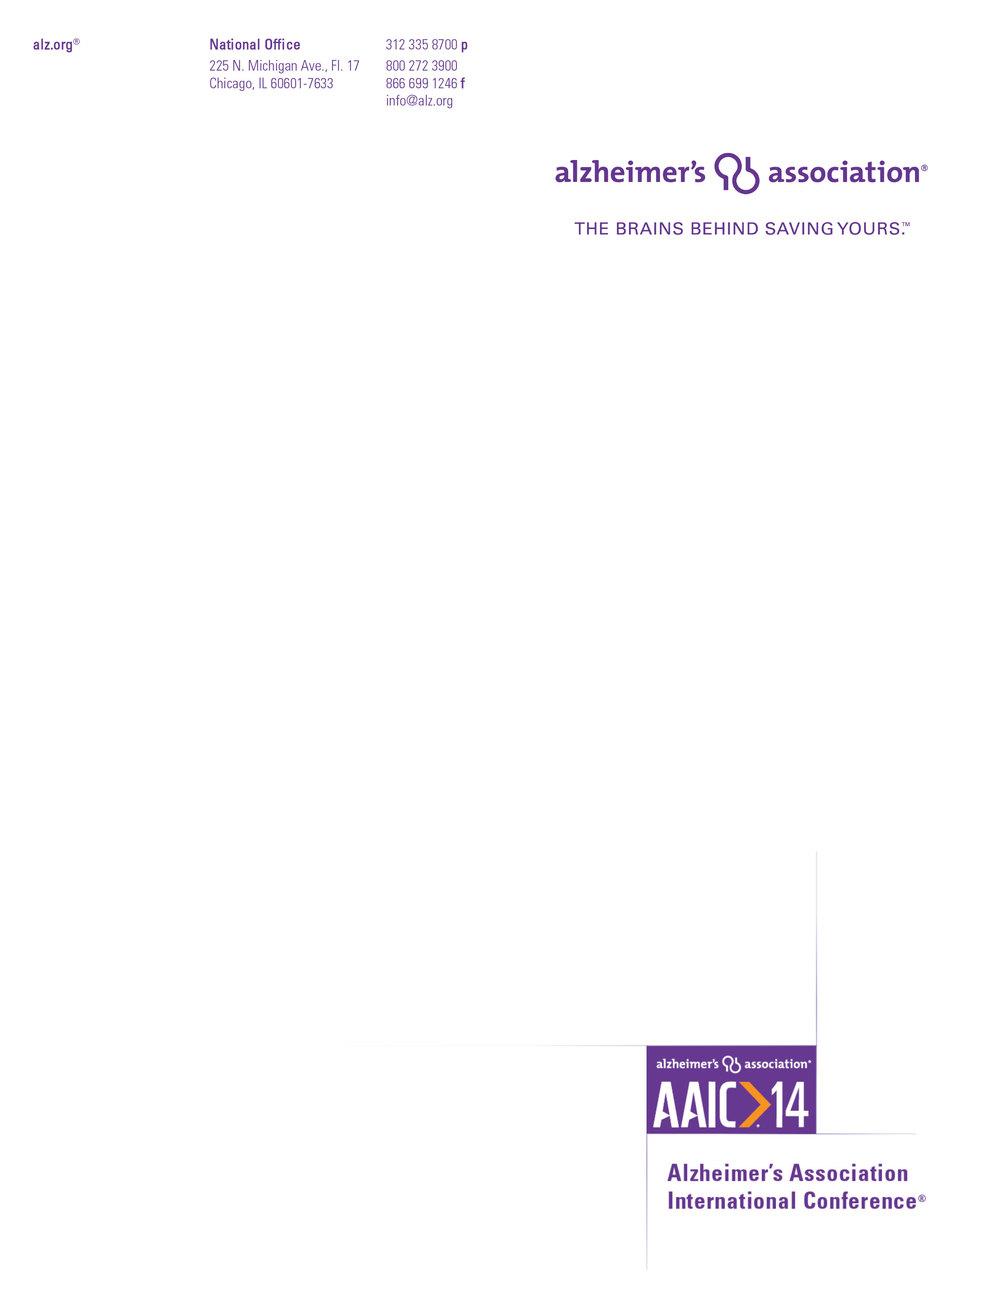 AAIC14 LETTERHEAD